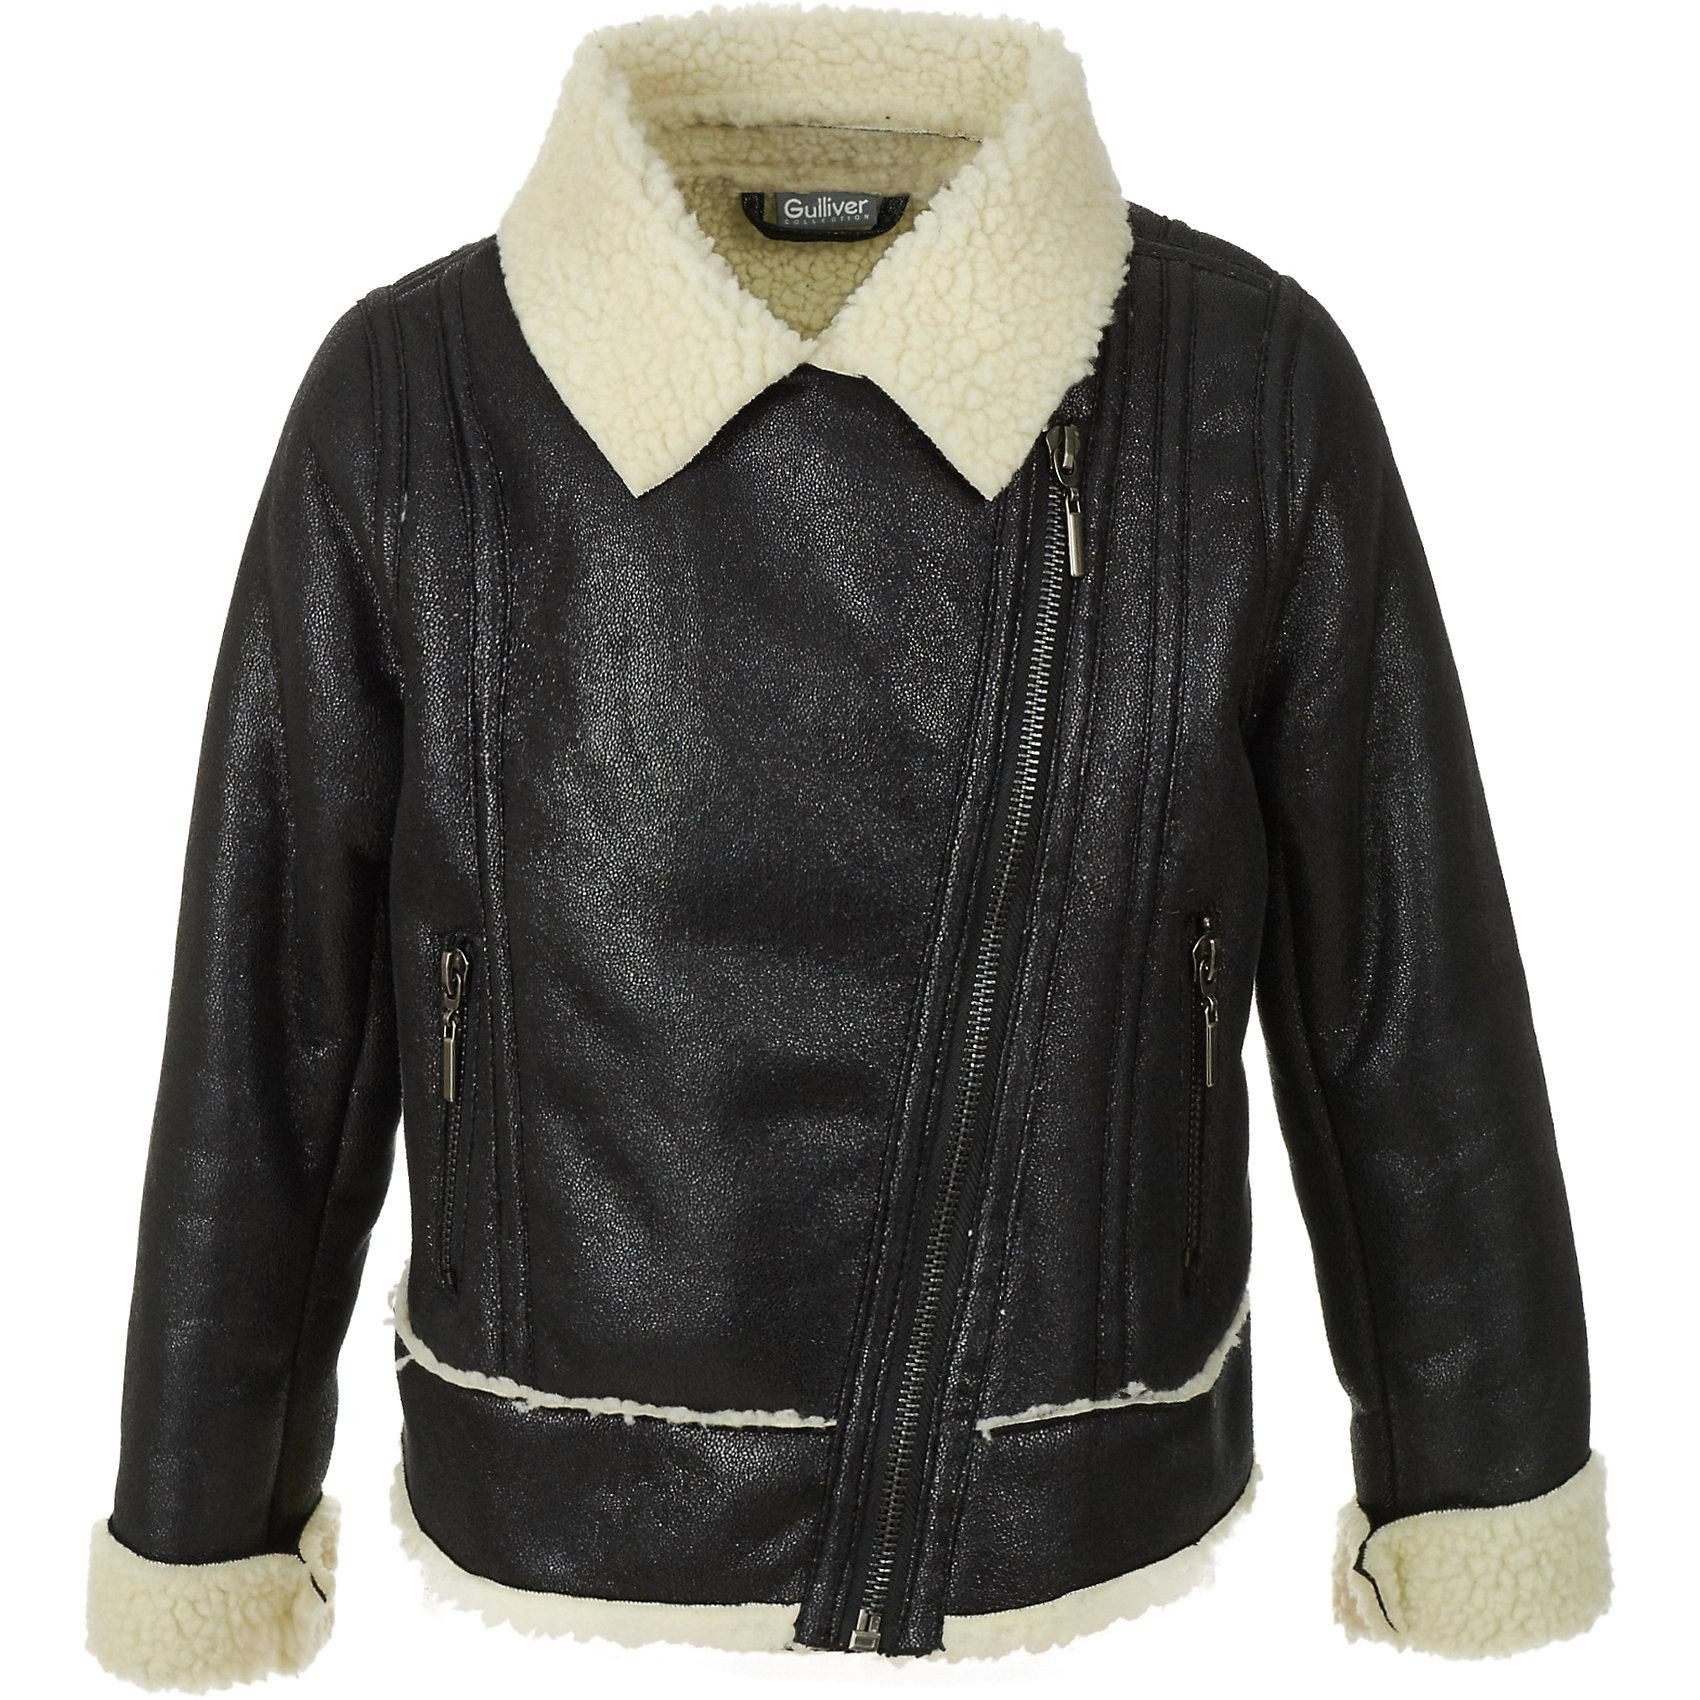 Куртка Gulliver для девочкиДемисезонные куртки<br>Куртка Gulliver для девочки<br>Эта куртка-косуха - мечта каждой модницы! Сделанная из мягкой эко кожи и коротковорсового искусственного меха, куртка выглядит потрясающе! Черный цвет, актуальный силуэт, правильная длина, асимметричная застежка, крупная металлическая молния, - в этой модели все совпало для создания дерзкого и динамичного образа. Если вам наскучили традиционные решения из плащевки, и вы хотите приобрести модную интересную вещь, которая станет ярким и выразительным акцентом осенне-зимнего гардероба вашего ребенка, вам стоит купить куртку от Gulliver! Смелое дизайнерское решение сделает каждый look ребенка свежим, необычным и интересным.<br>Состав:<br>100% полиэстер<br><br>Ширина мм: 356<br>Глубина мм: 10<br>Высота мм: 245<br>Вес г: 519<br>Цвет: черный<br>Возраст от месяцев: 60<br>Возраст до месяцев: 72<br>Пол: Женский<br>Возраст: Детский<br>Размер: 116,98,104,110<br>SKU: 7078433